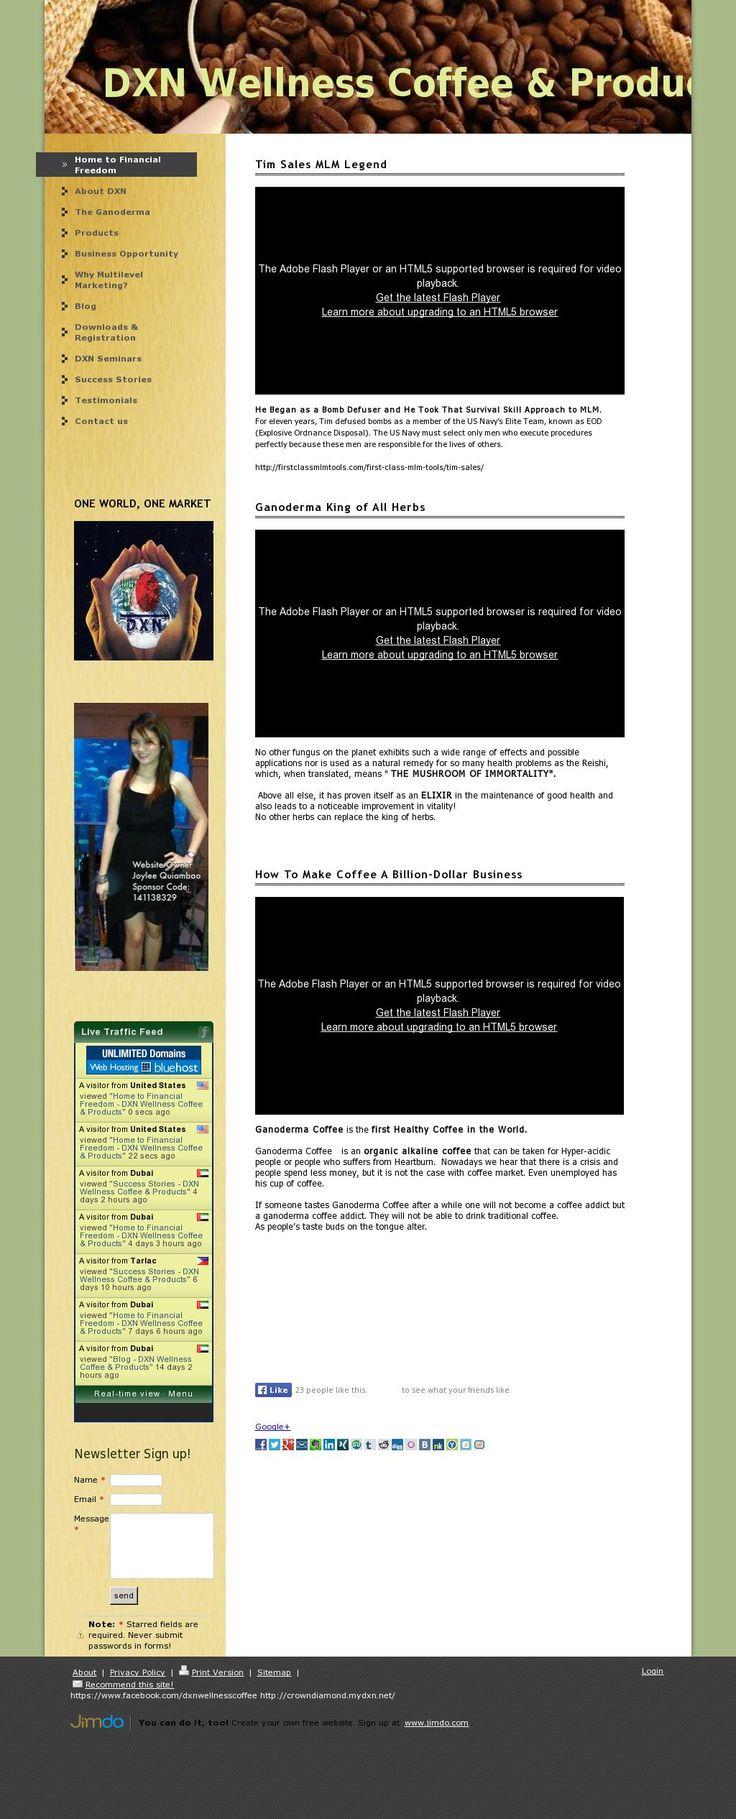 The website 'dxnwellnesscoffee.jimdo.com' courtesy of @Pinstamatic (http://pinstamatic.com)